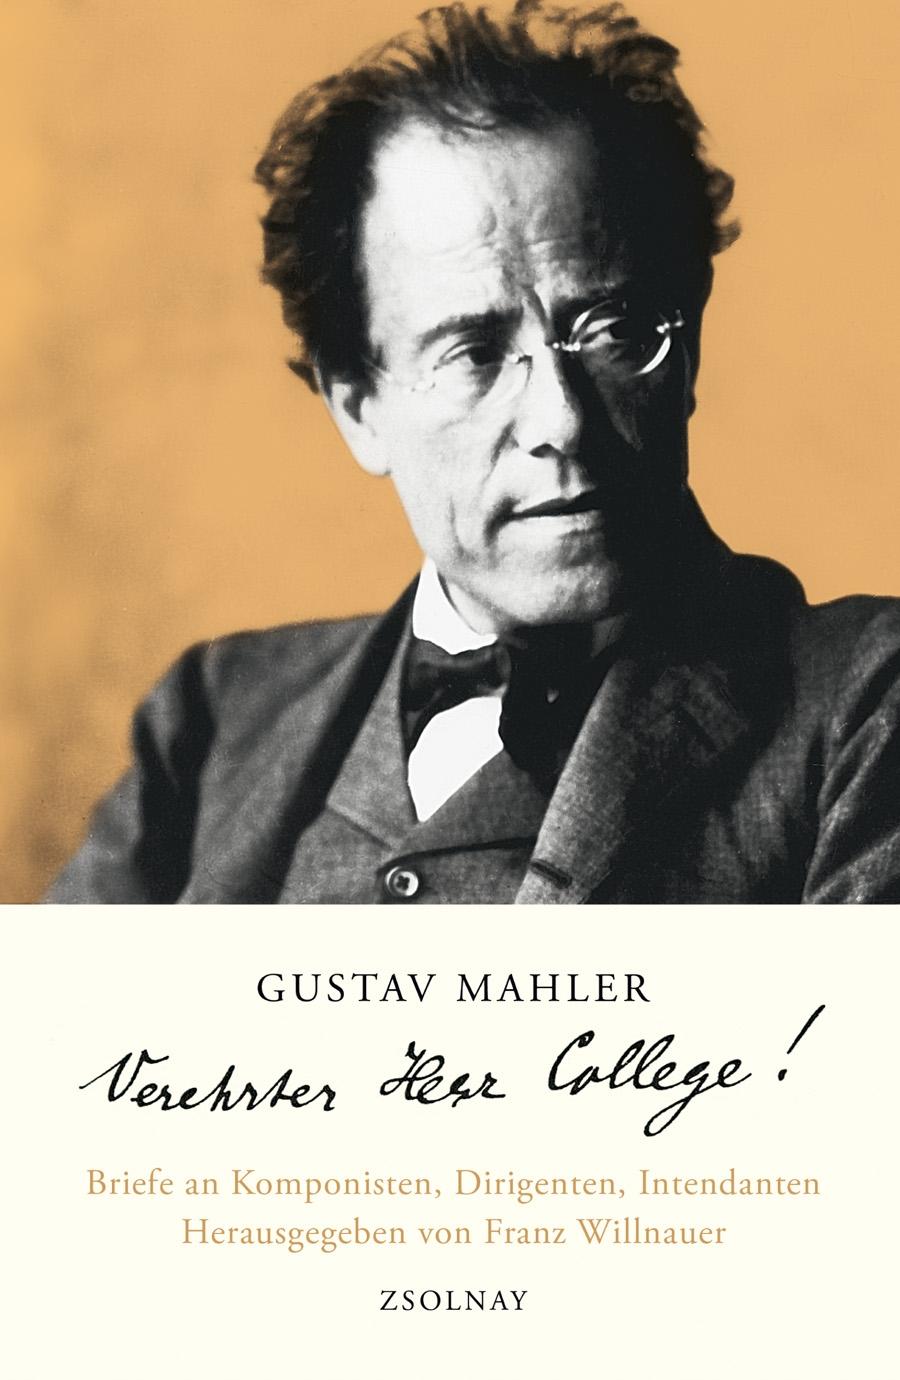 Gustav Mahler Verehrter Herr College!